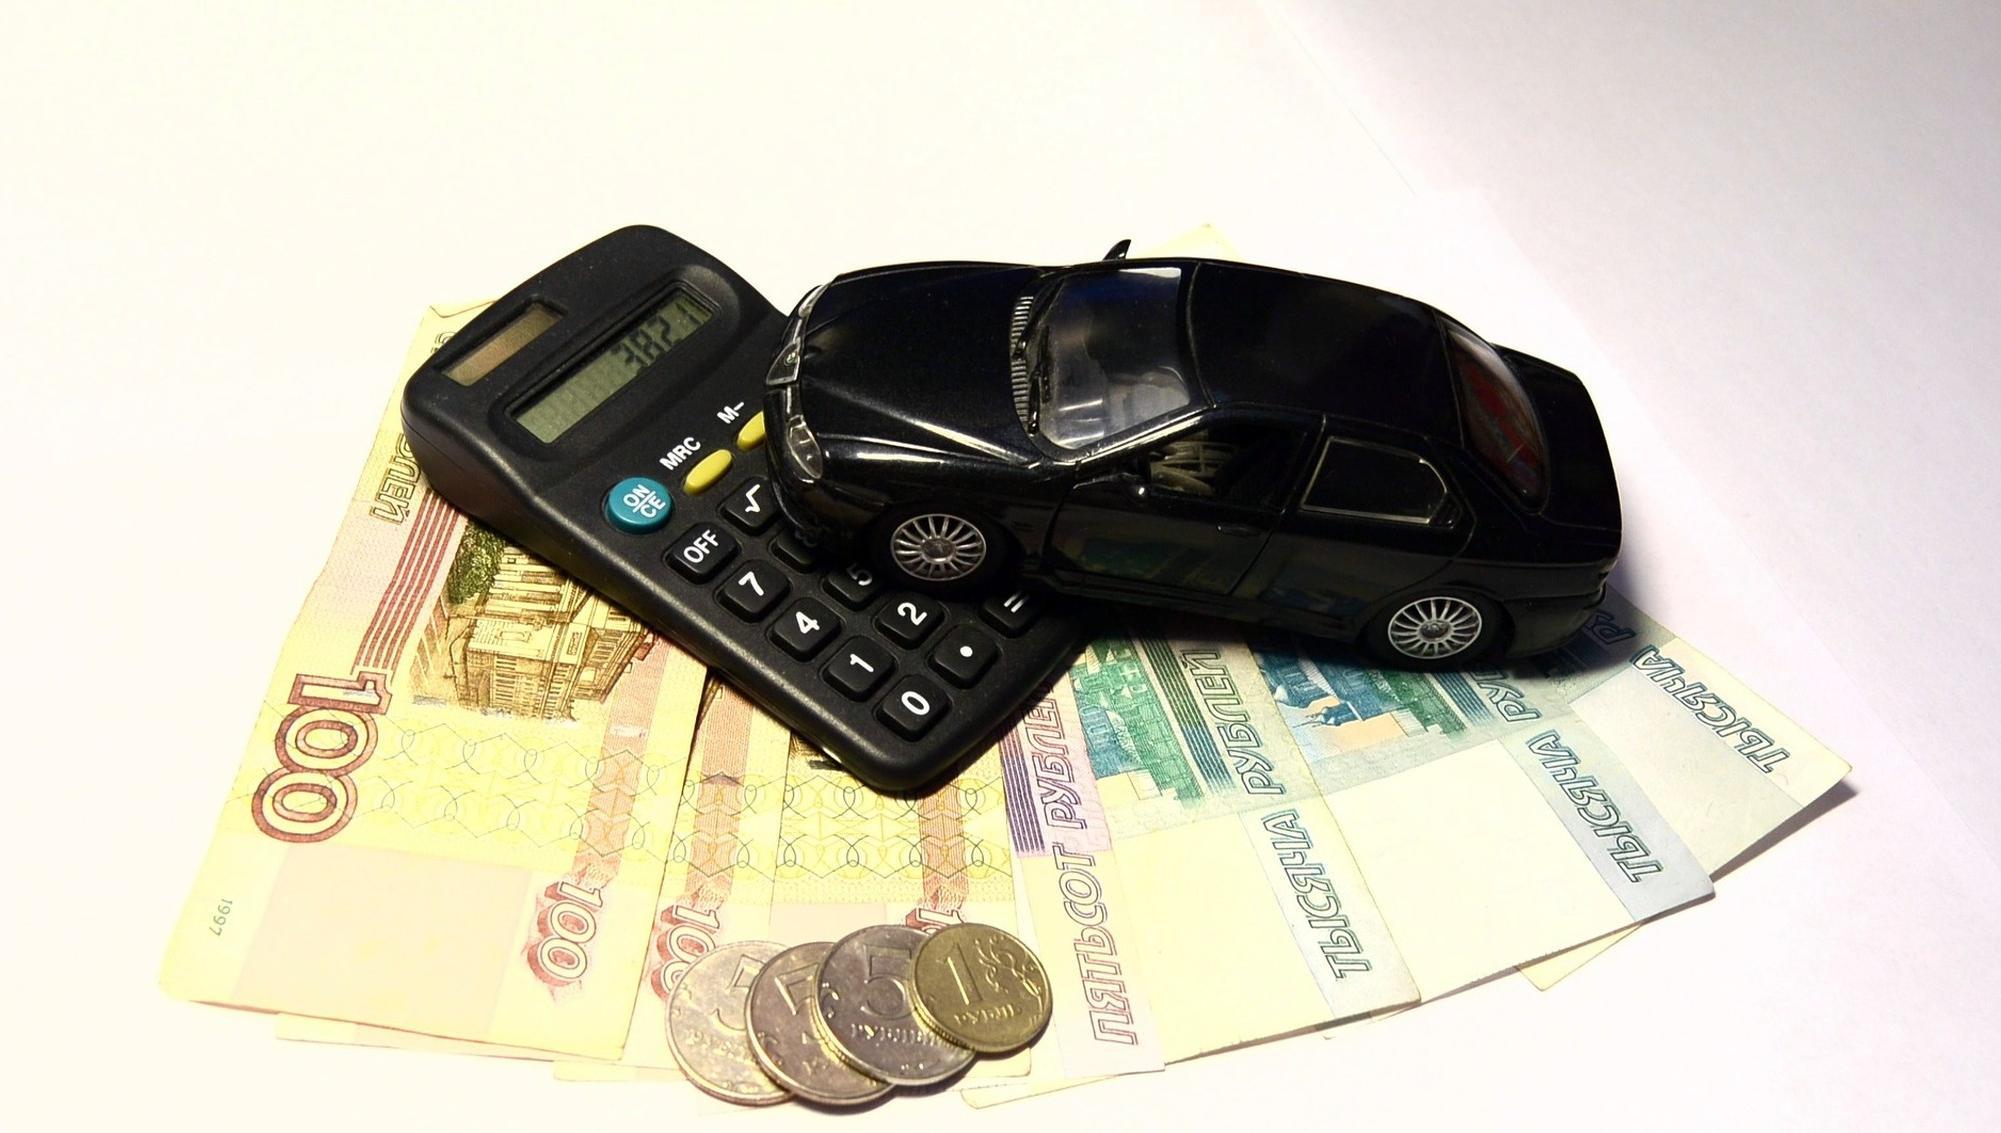 Автомобиль жителя Тверской области, задолжавшего банку 700 тыс. рублей, продадут на торгах - новости Афанасий